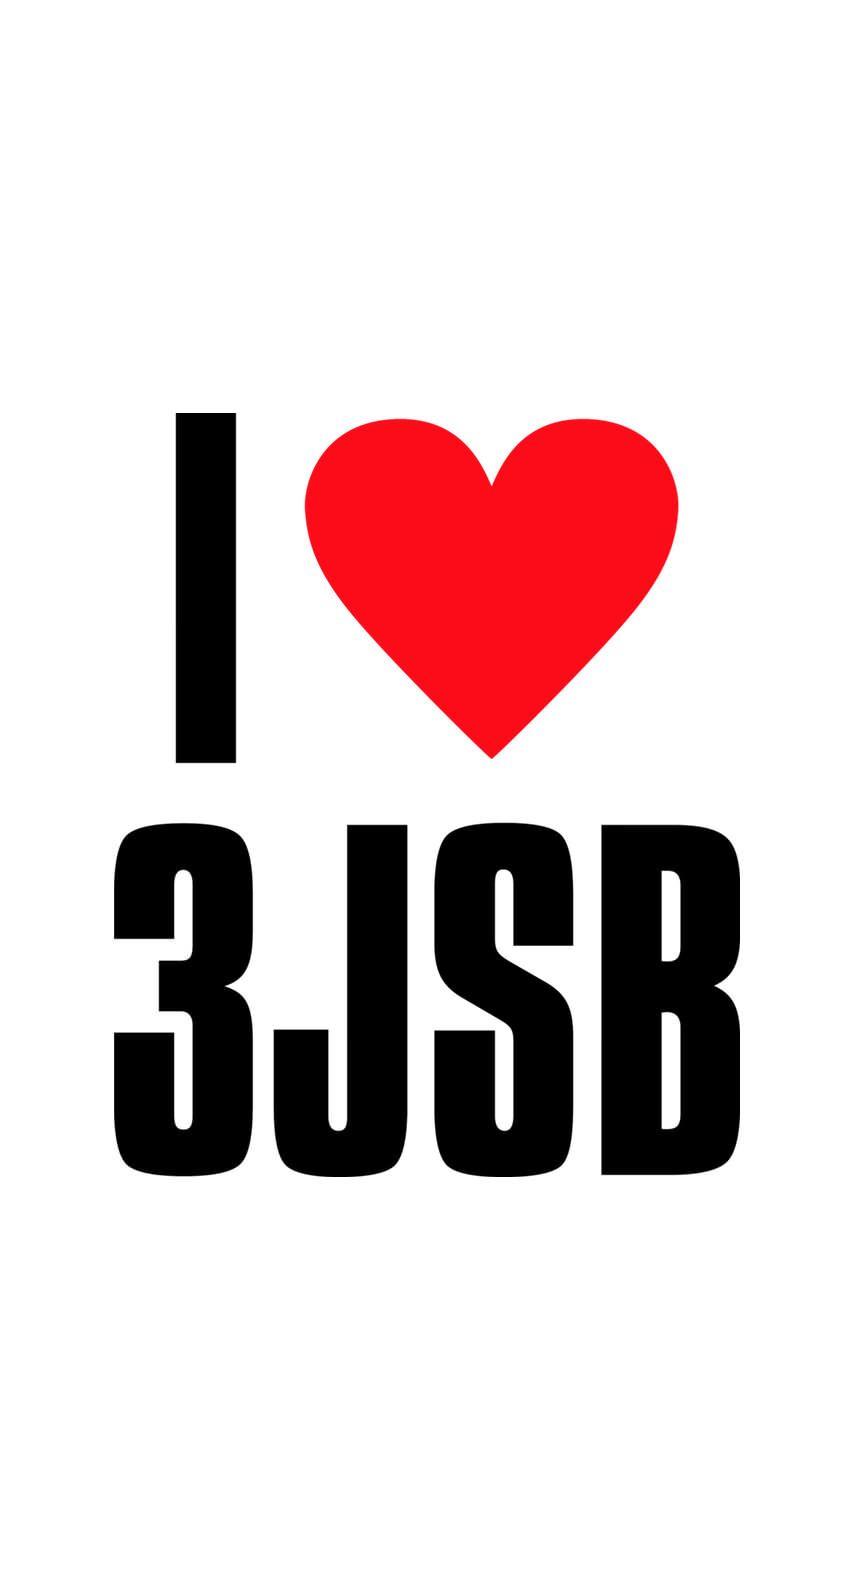 超カワ 三代目jsbファンに贈る I Love 3jsbロゴホワイト Soul Brothers Soul